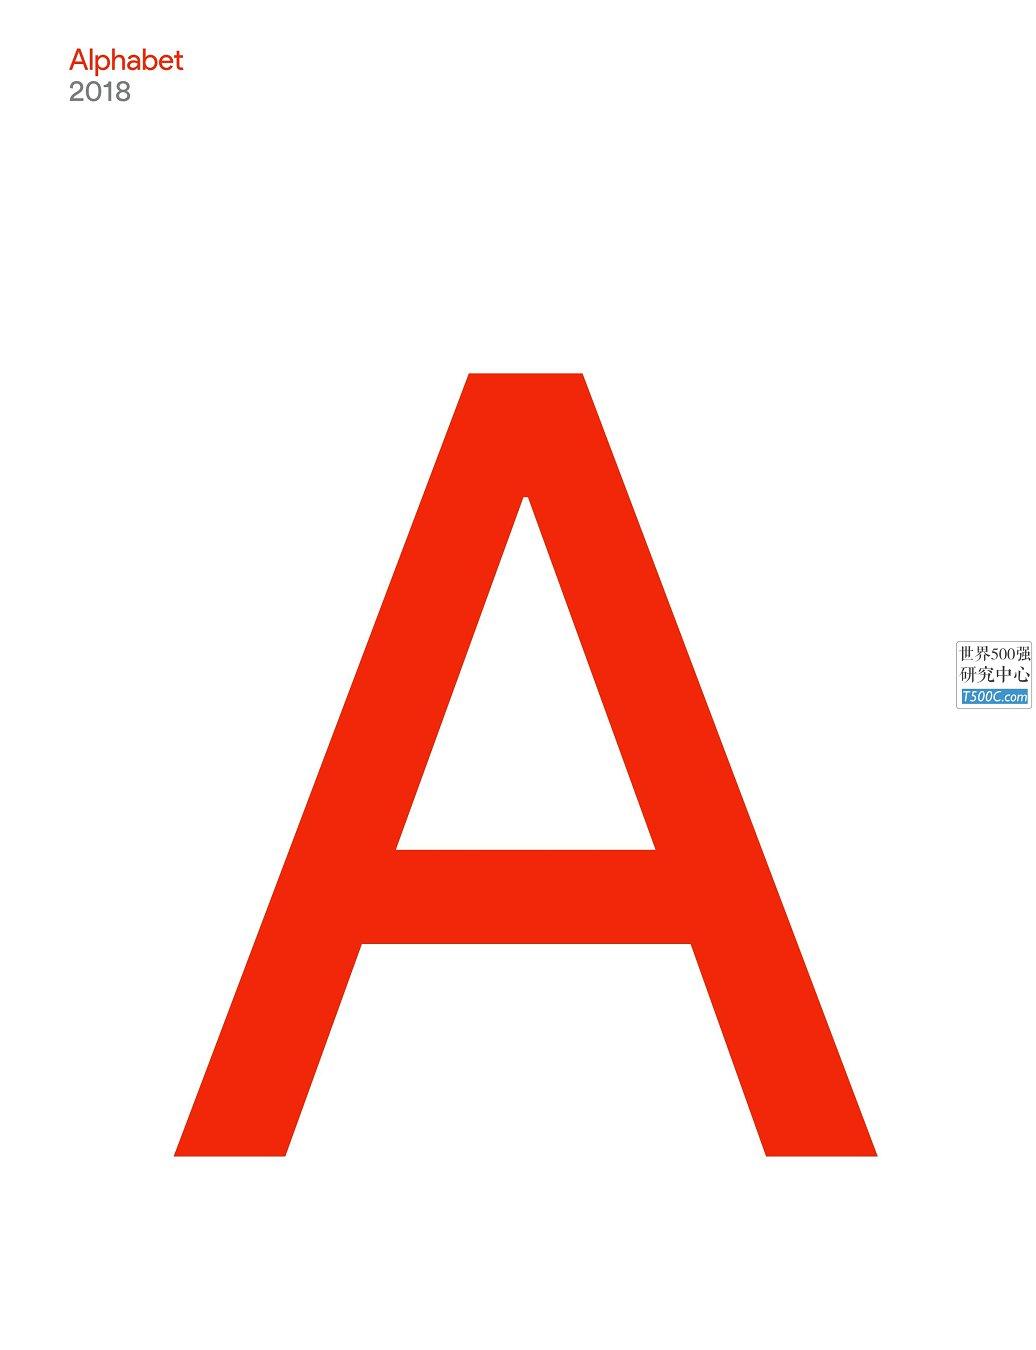 谷歌Alphabet_年报AnnualReport_2018